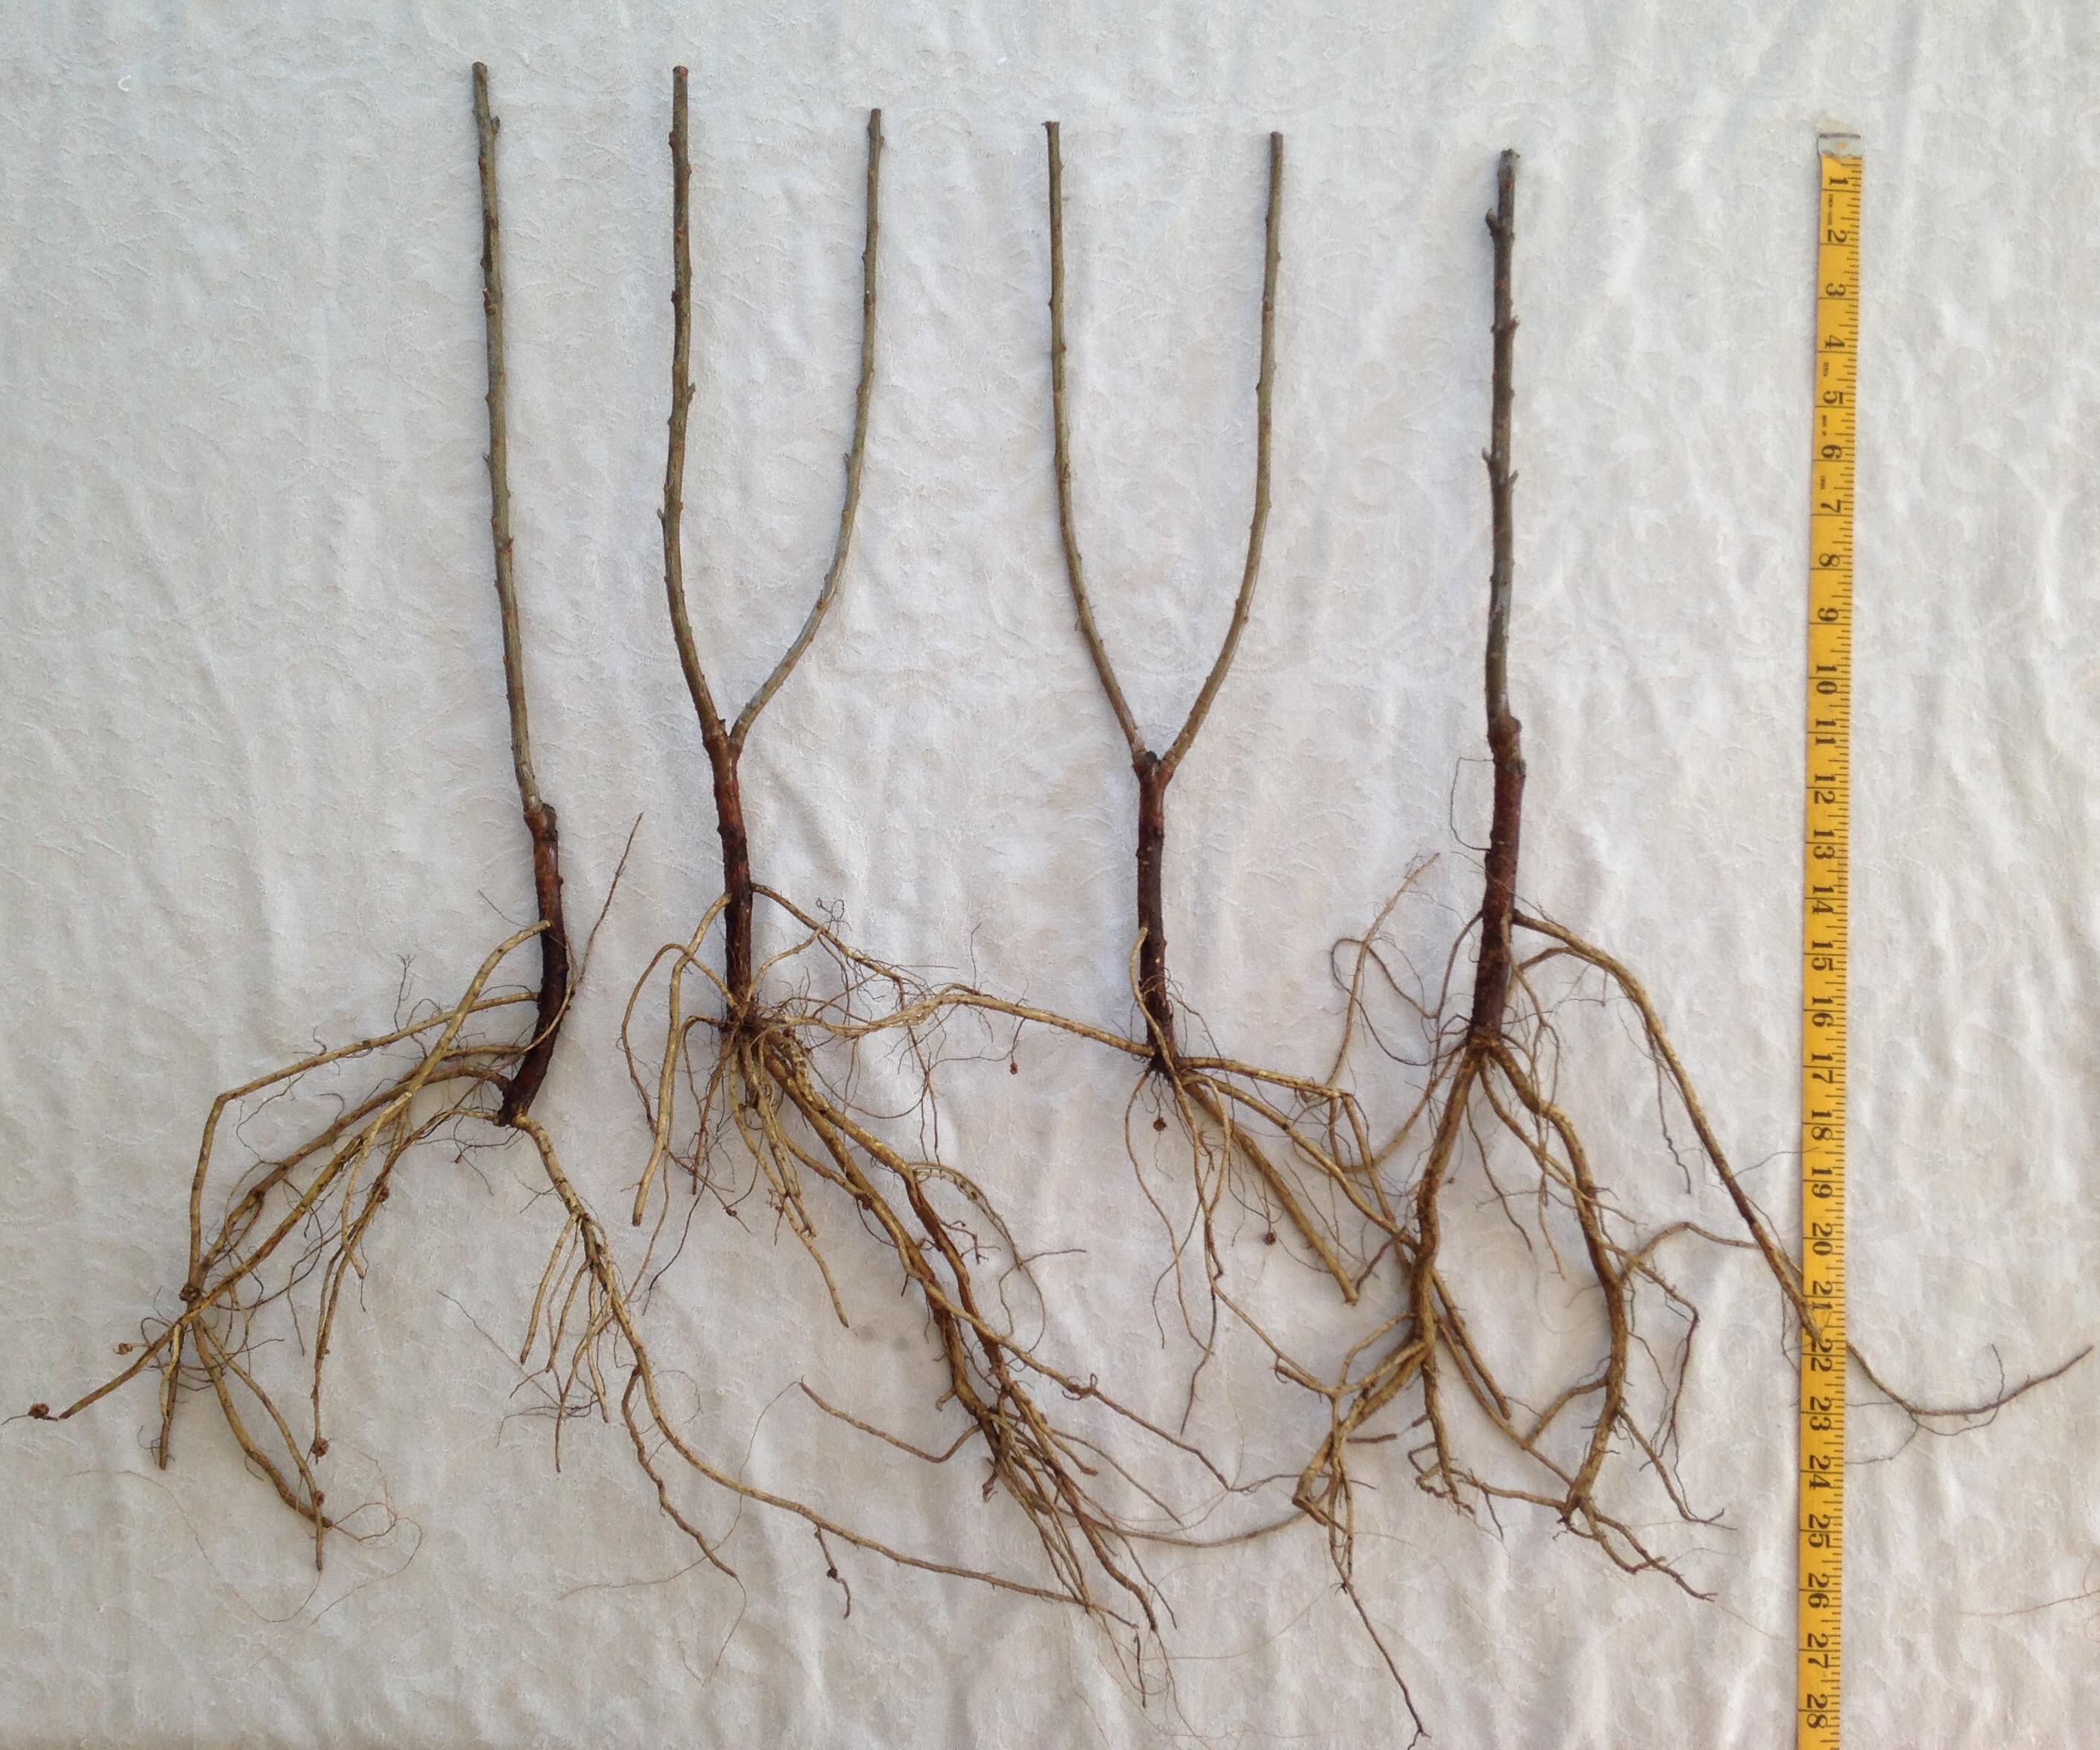 Bare Root SeaBuckthorn Shrubs